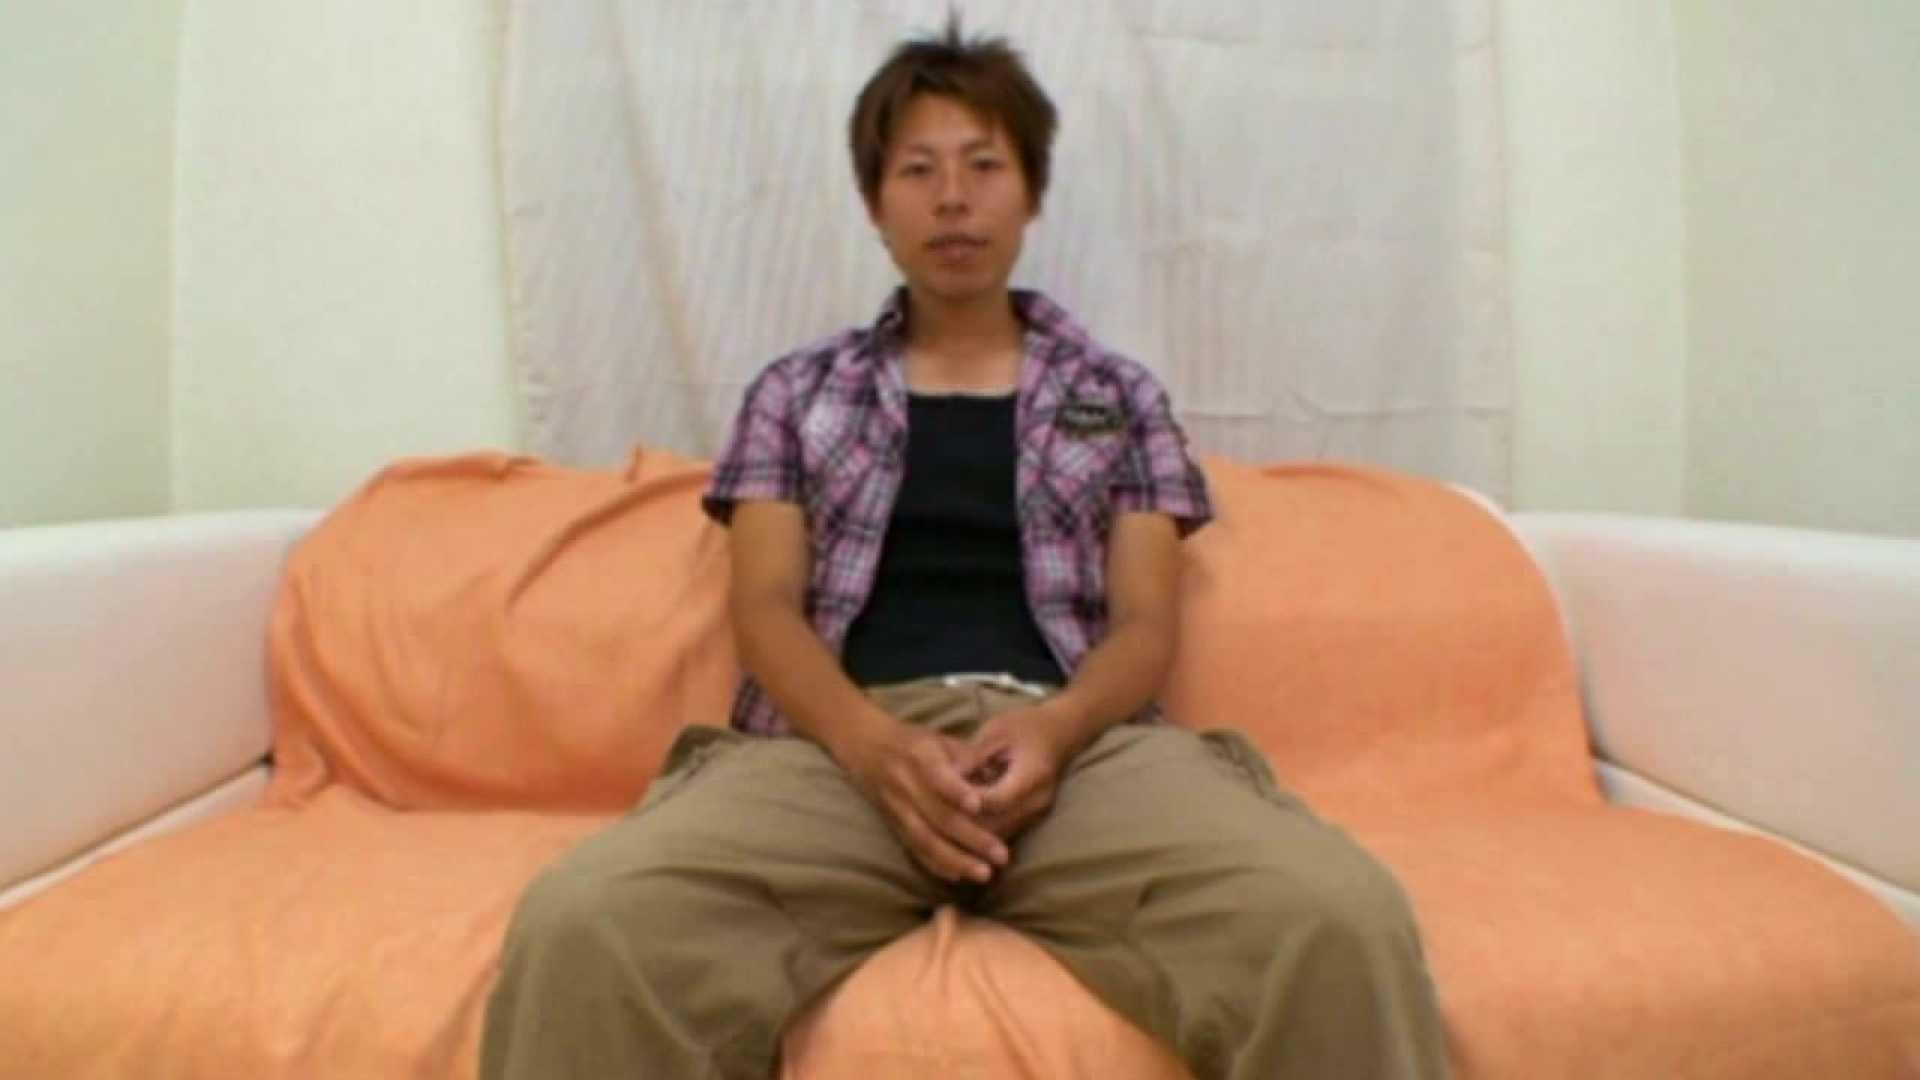 ノンケ!自慰スタジオ No.10 自慰シーン エロビデオ紹介 103枚 49